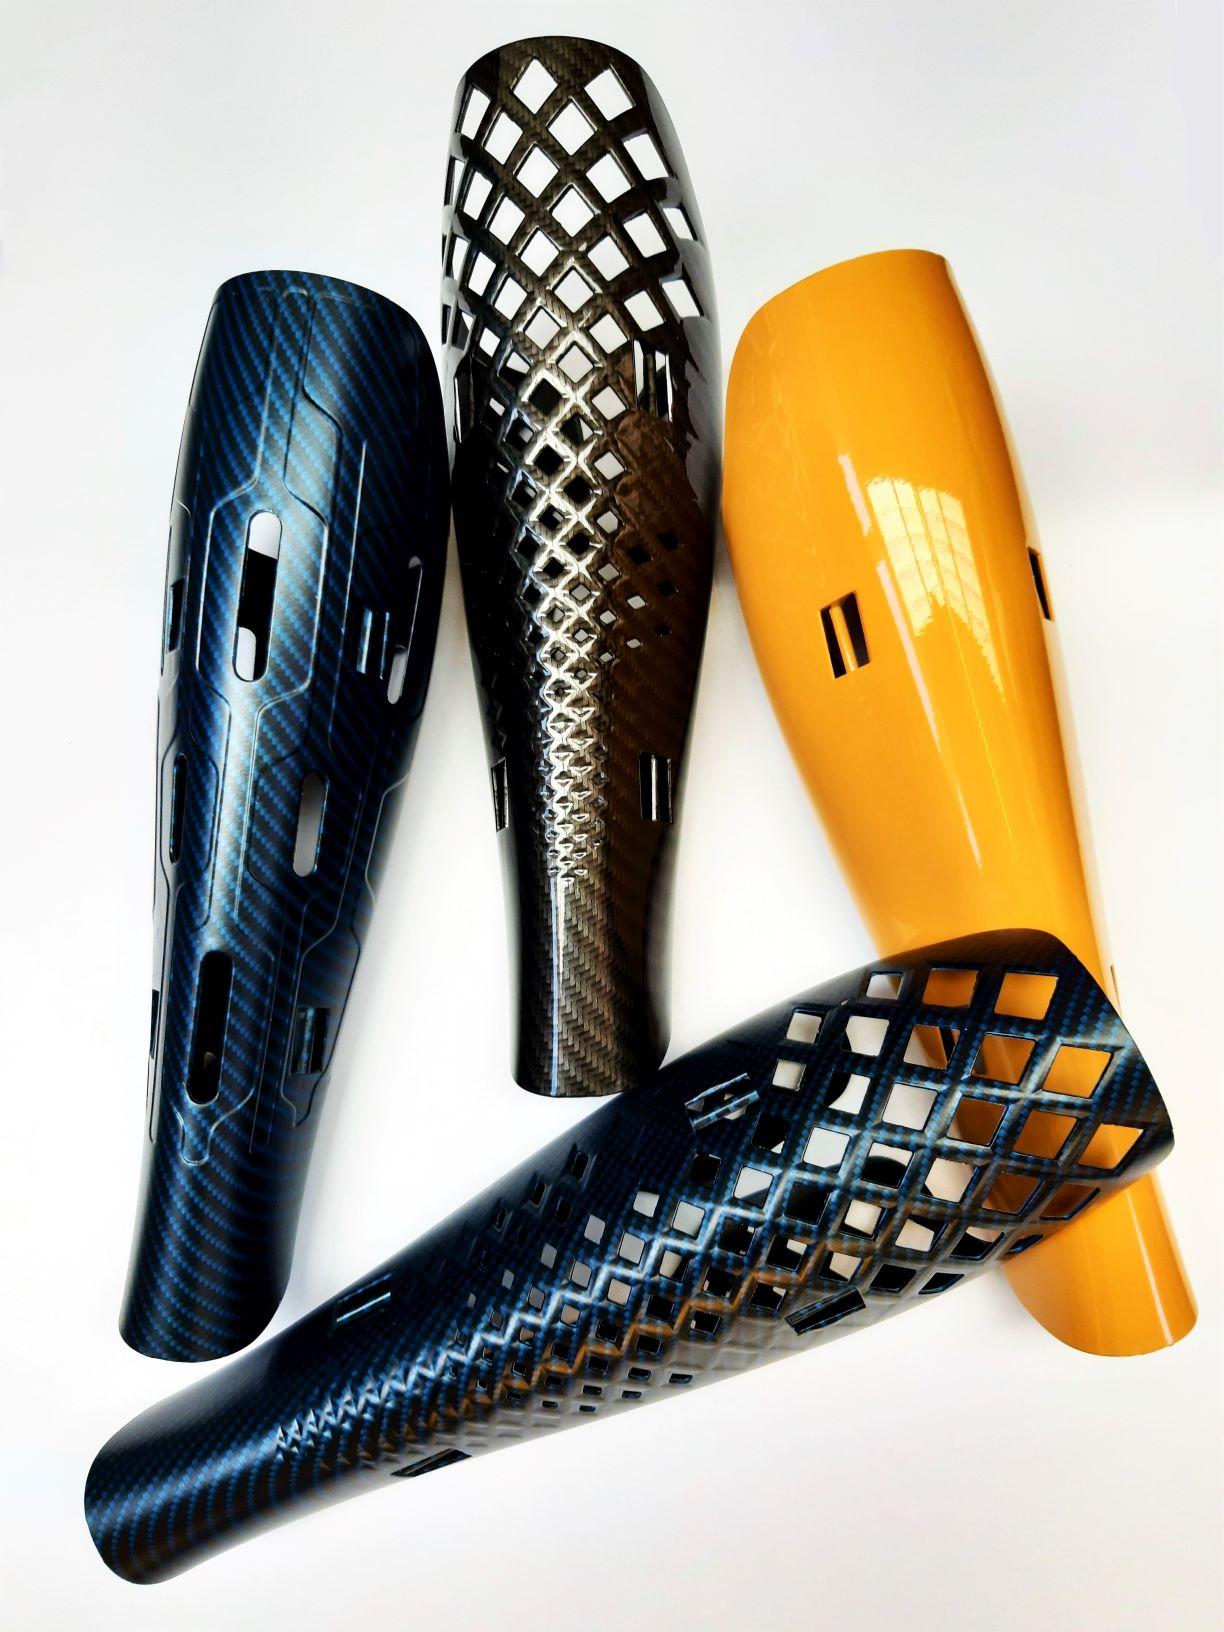 Limb-art prosthetic leg covers